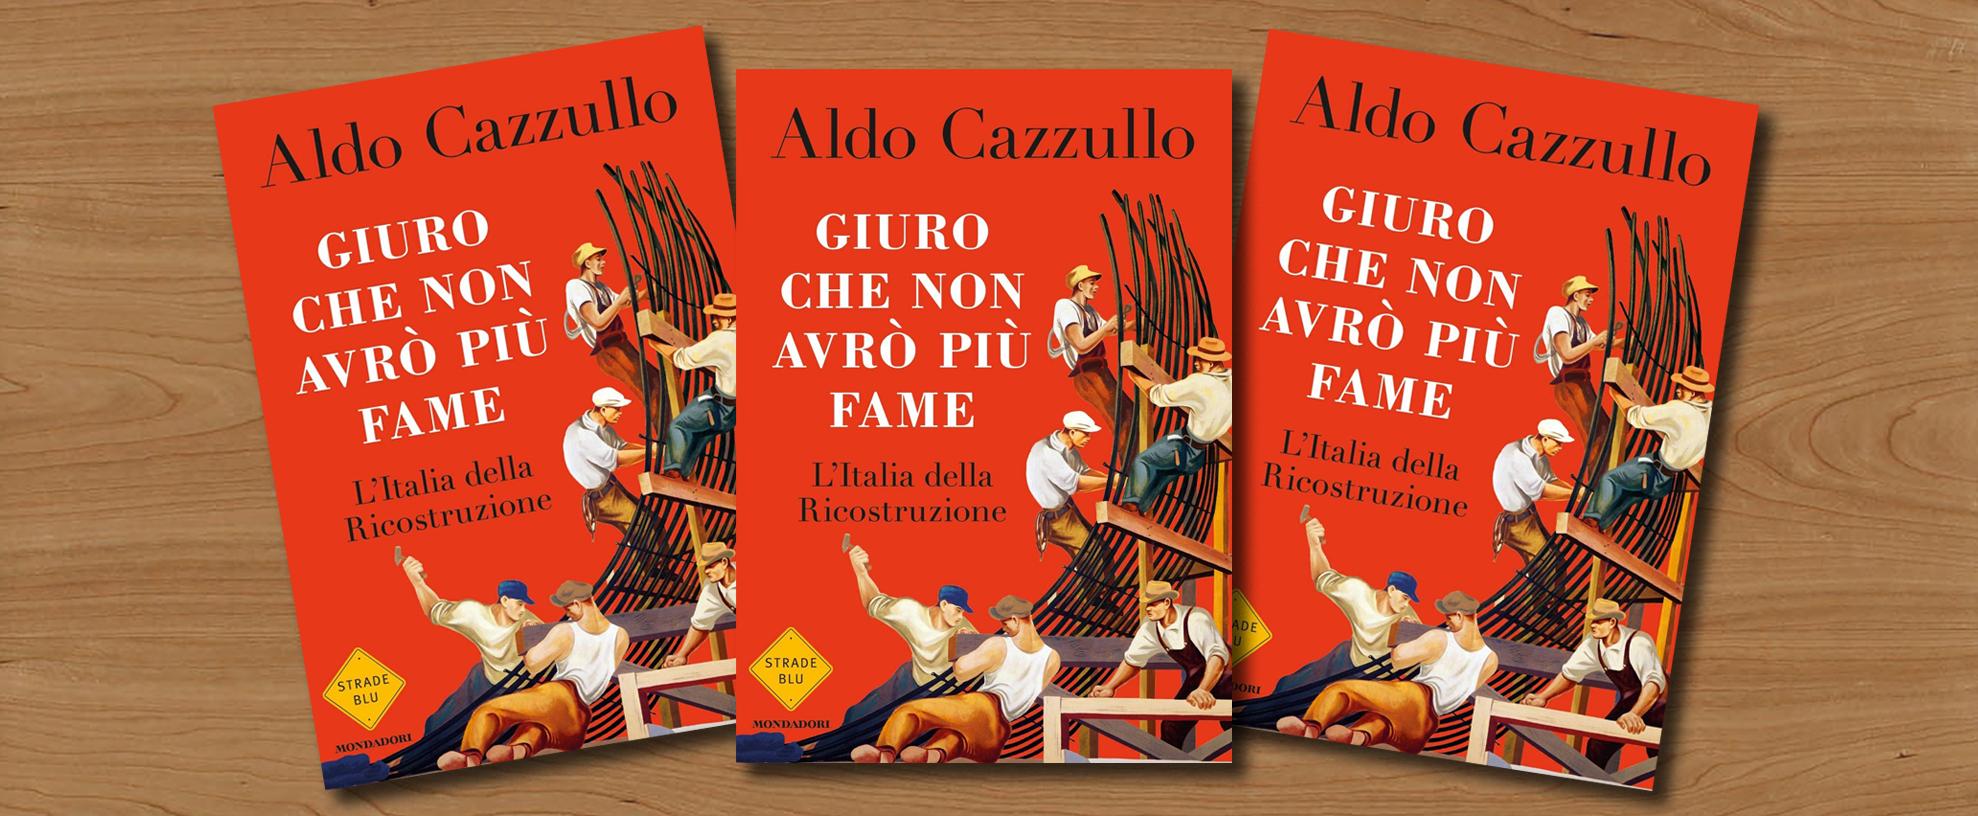 Cazzullo  l Italia è un paese ricco che si è convinto di essere povero  7c2ba38a1f1